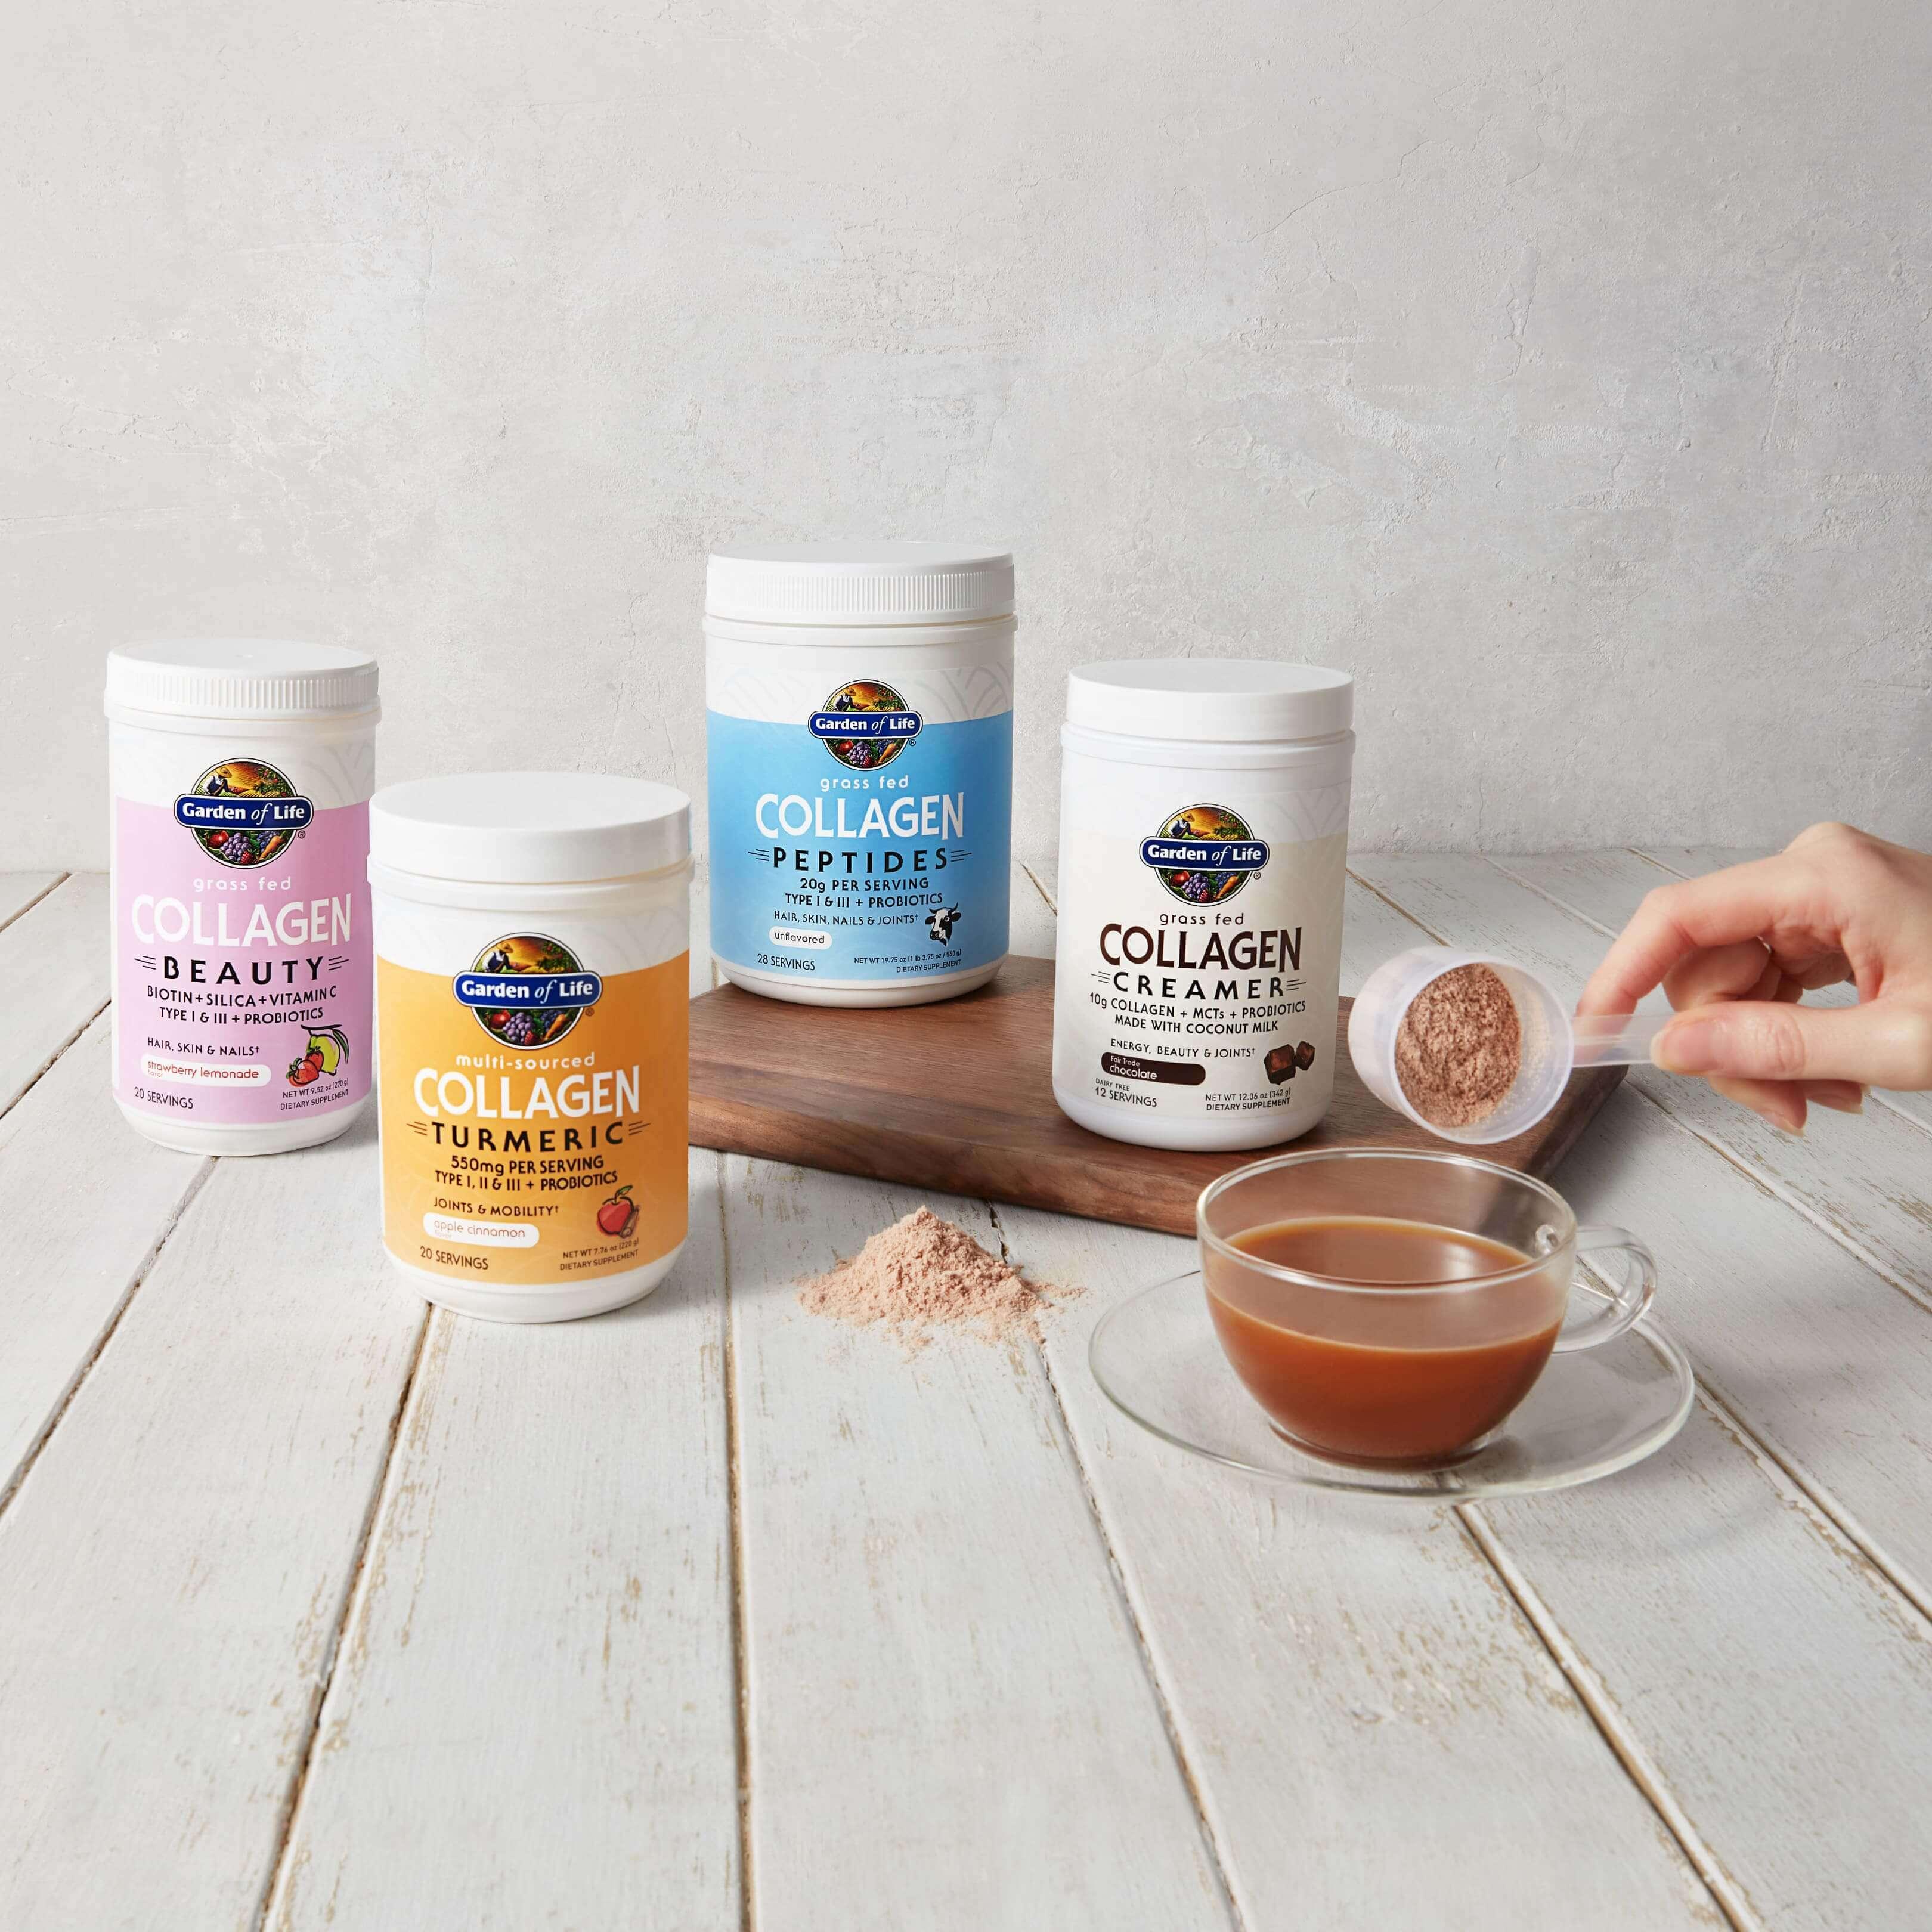 I prodotti al collagene sono interamente privi di OGM, certificati per le diete paleo e chetogenica e privi di glutine, come attestato dalla NSF.